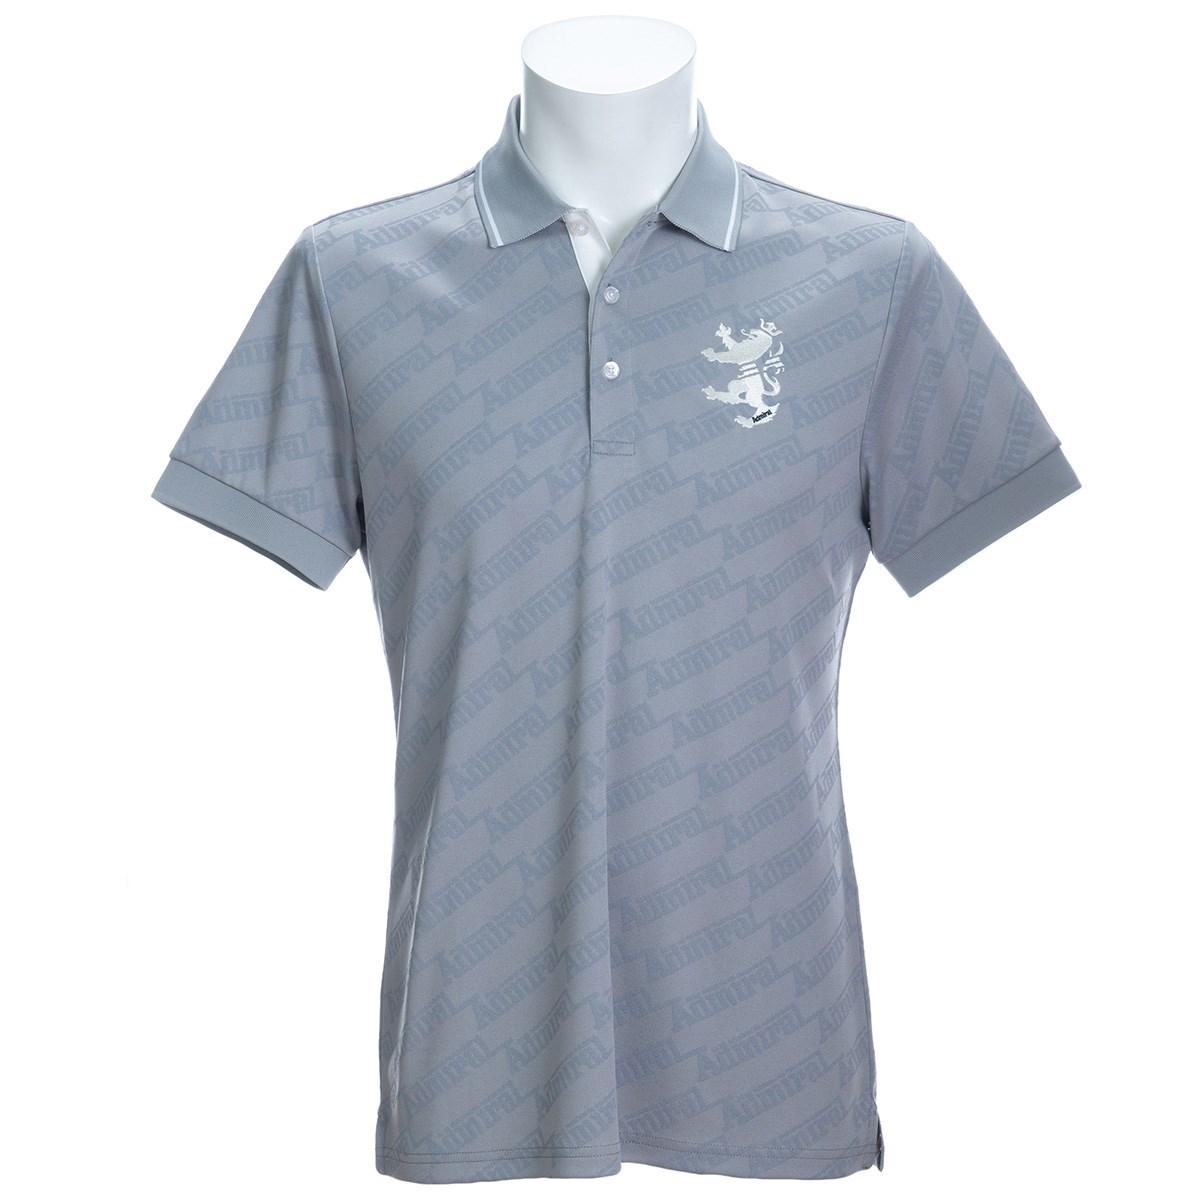 アドミラル ランブレッタジャカード 半袖ポロシャツ